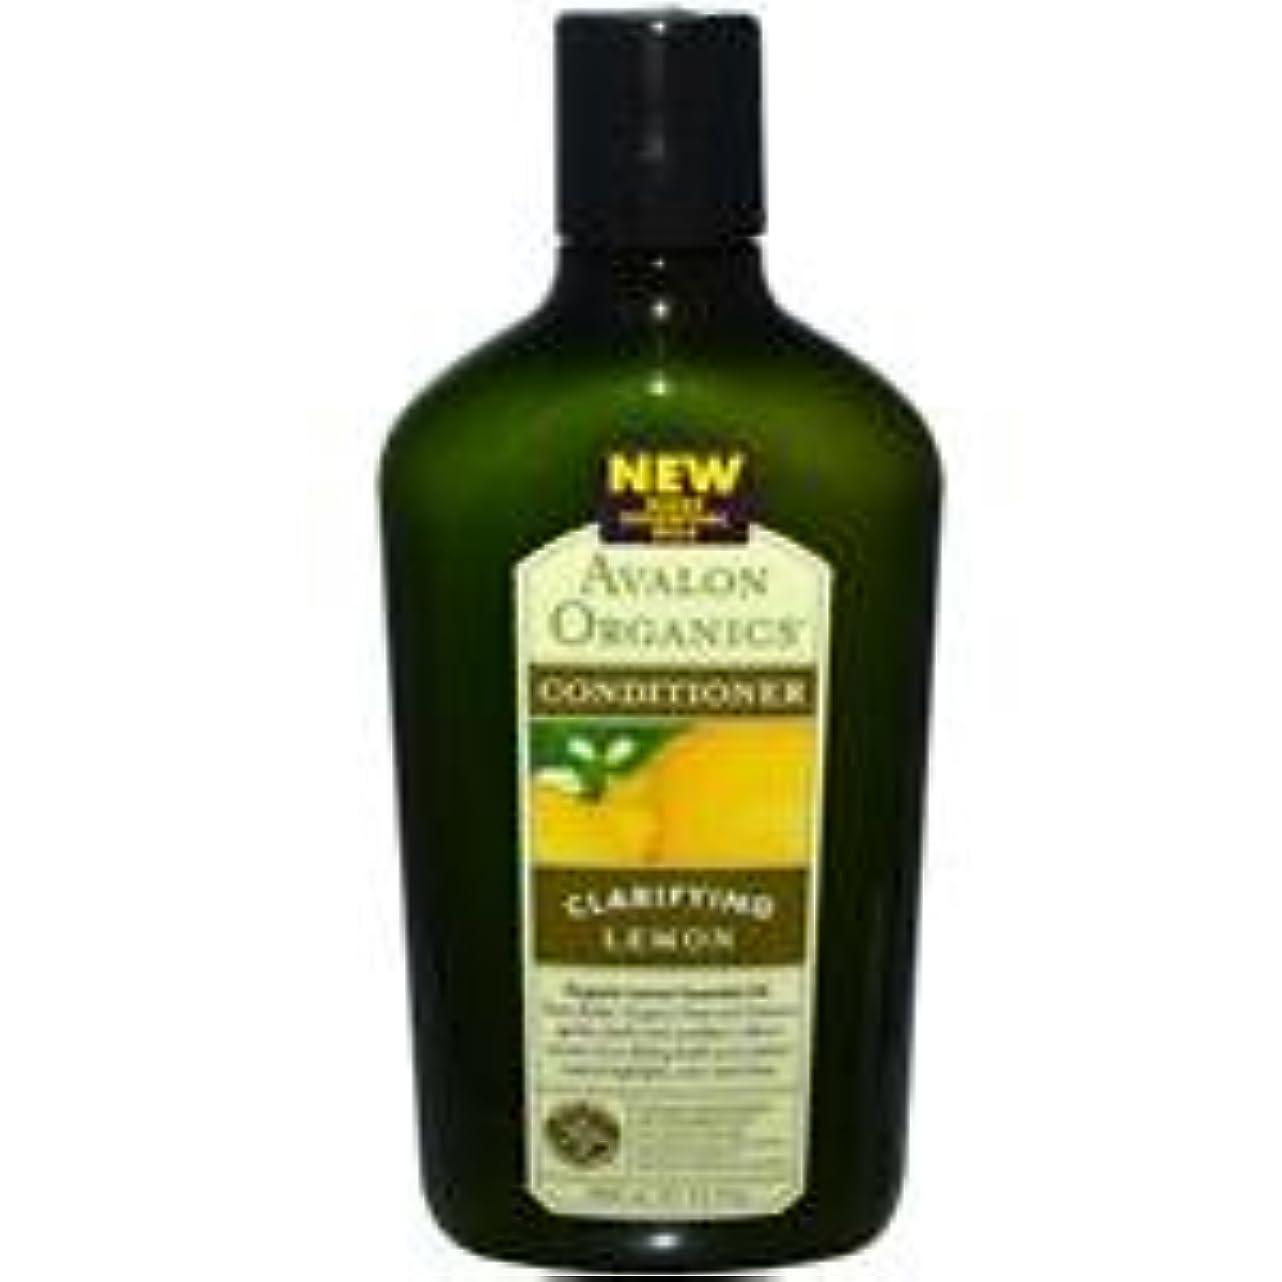 ネブ安らぎ部族[海外直送品] アバロンオーガニック(Avalon Organics)   レモン コンディショナー 325ml